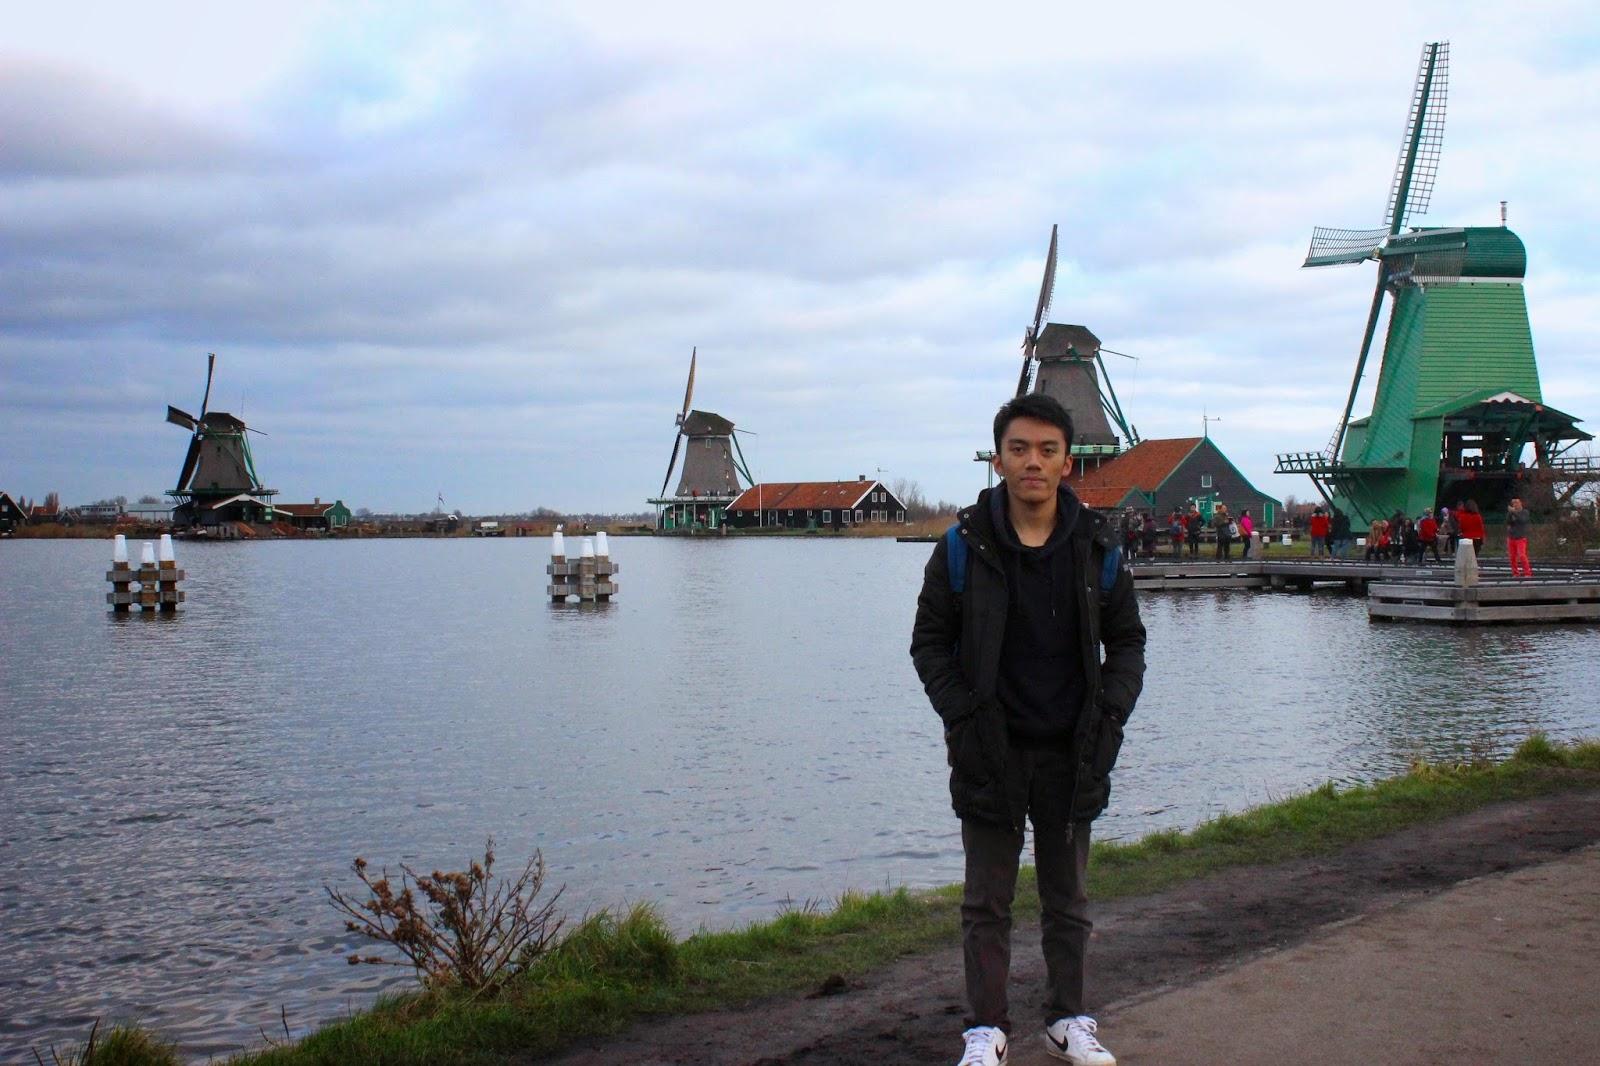 Kincir Angin di Zaanse Schans, Belanda